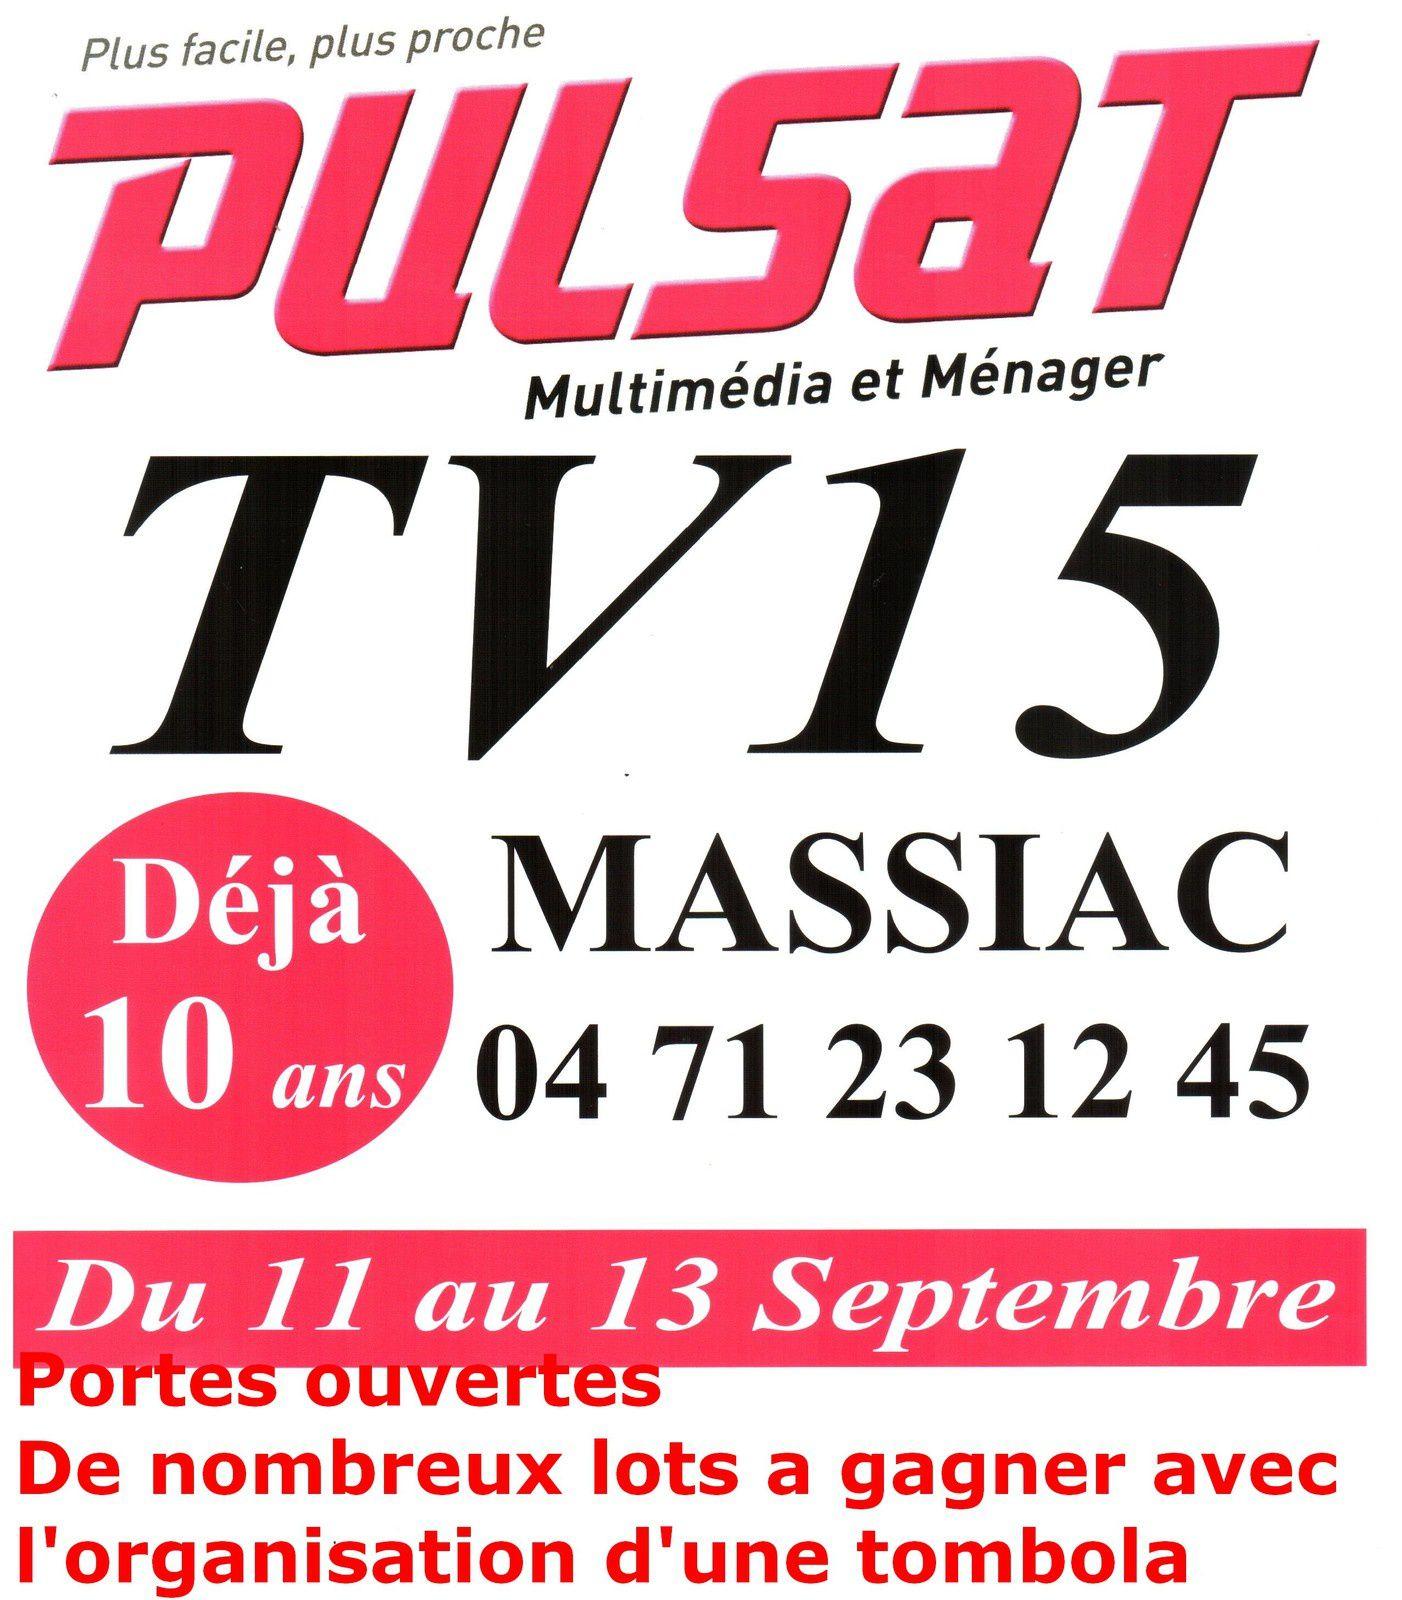 Massiac : Pulsat fête ses 10 ans